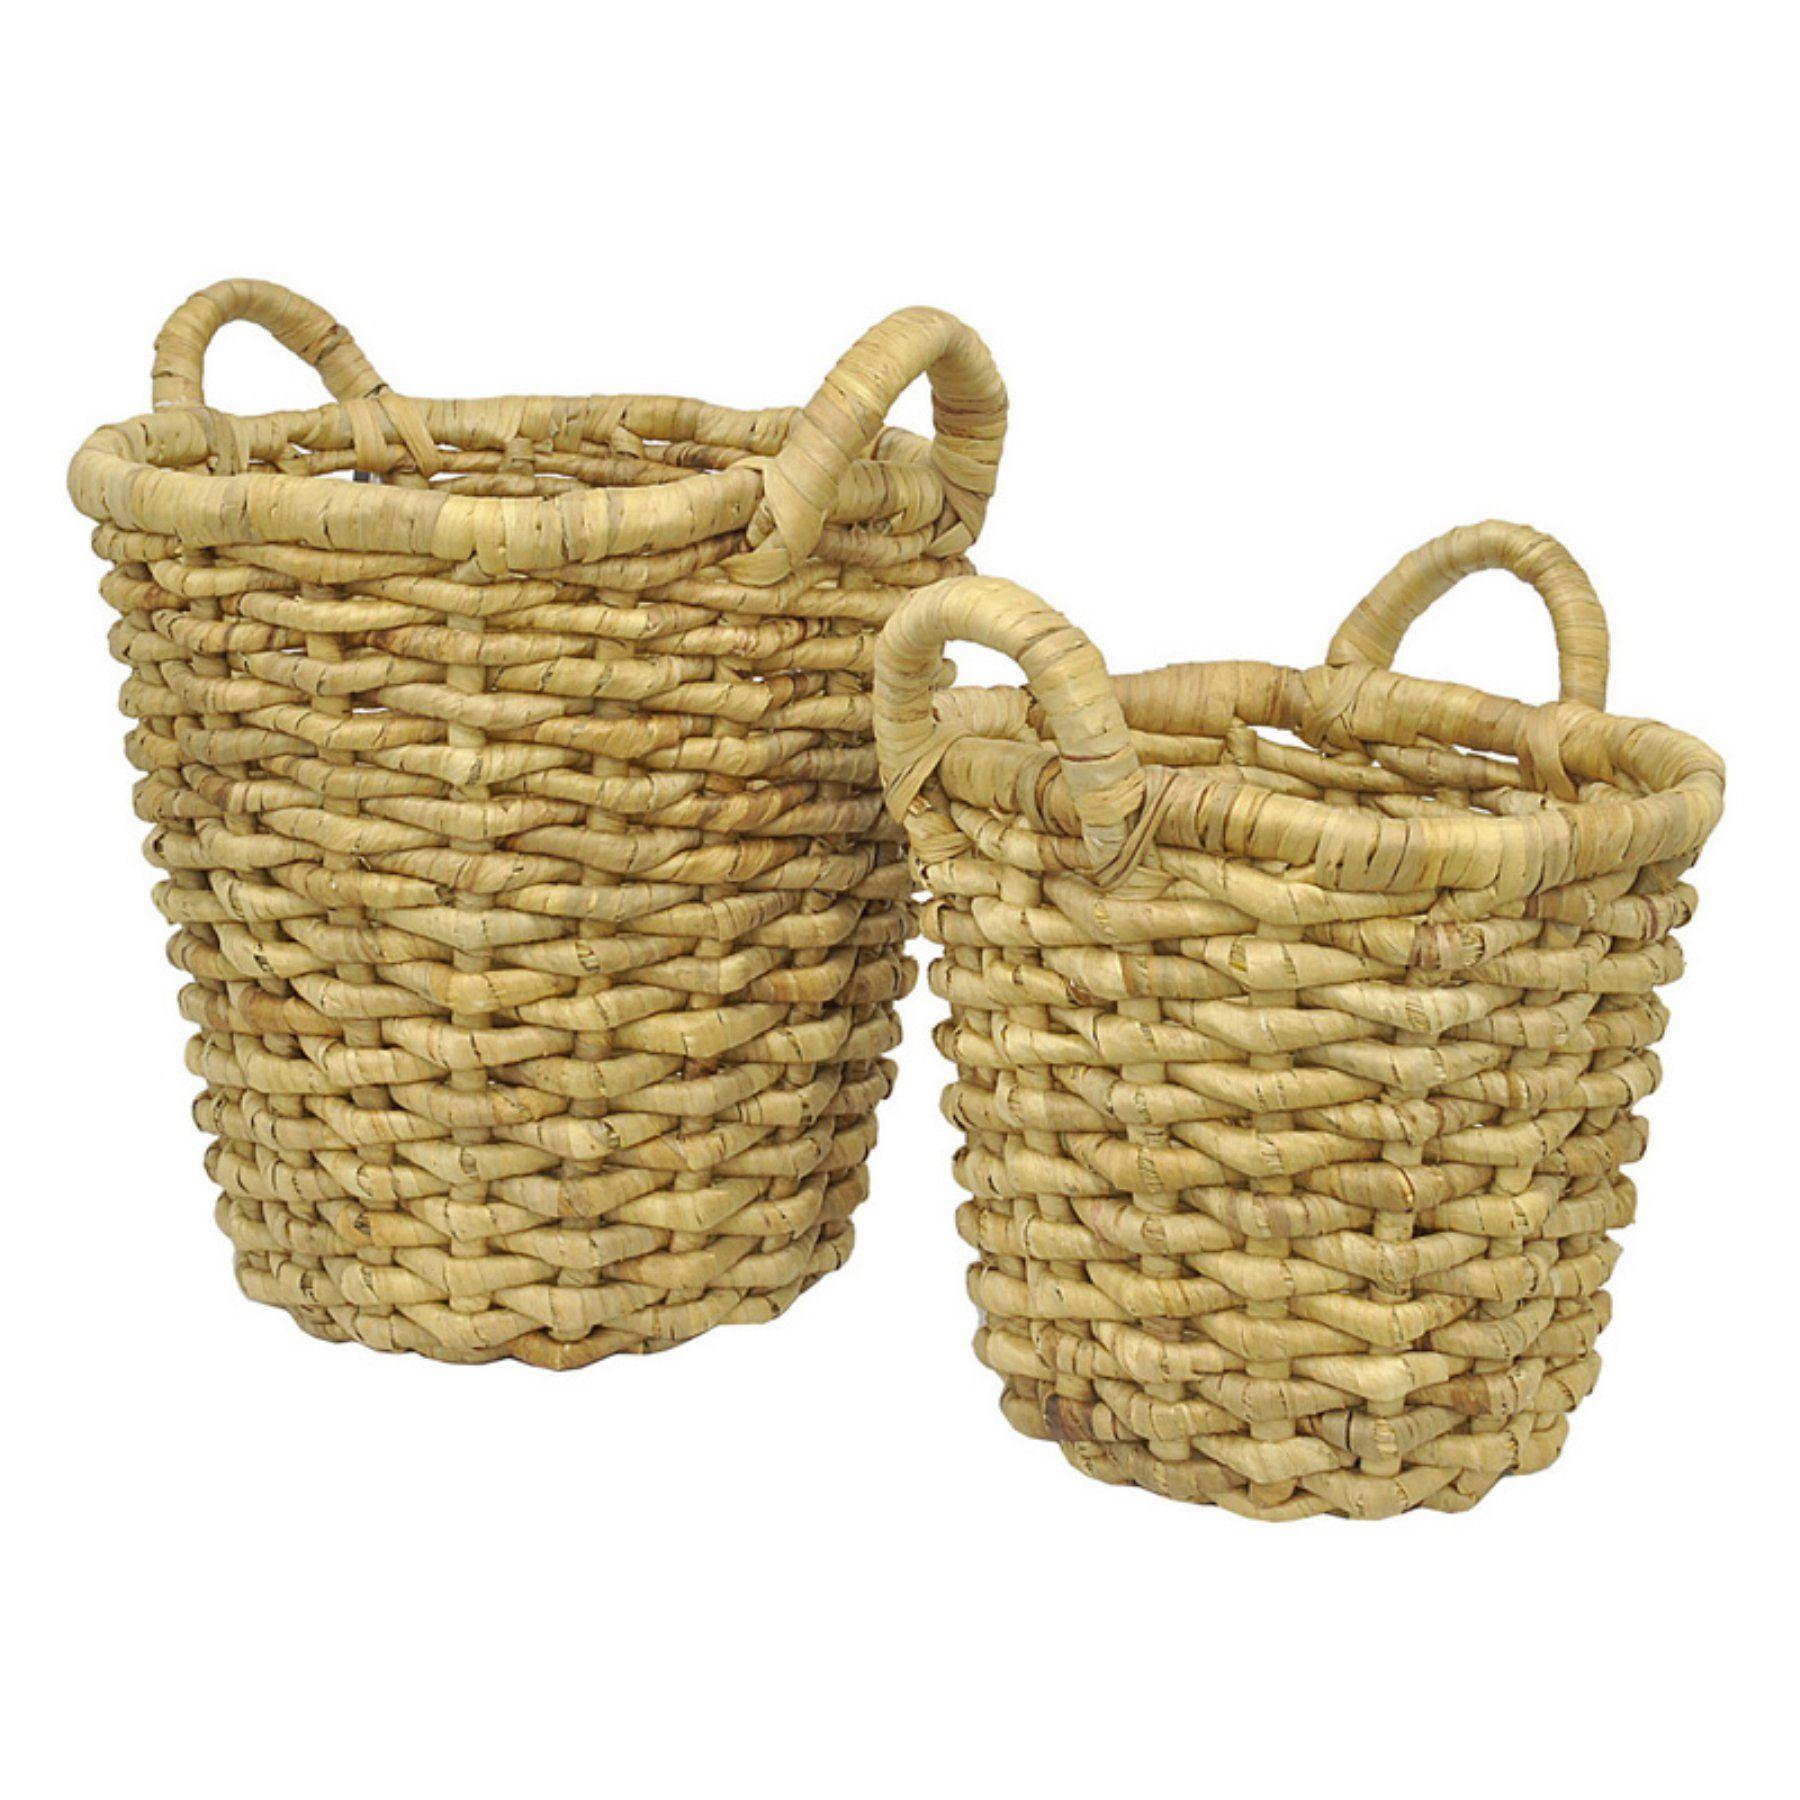 Three Hands 2 Piece Natural Wicker Basket Set 30890 Basket